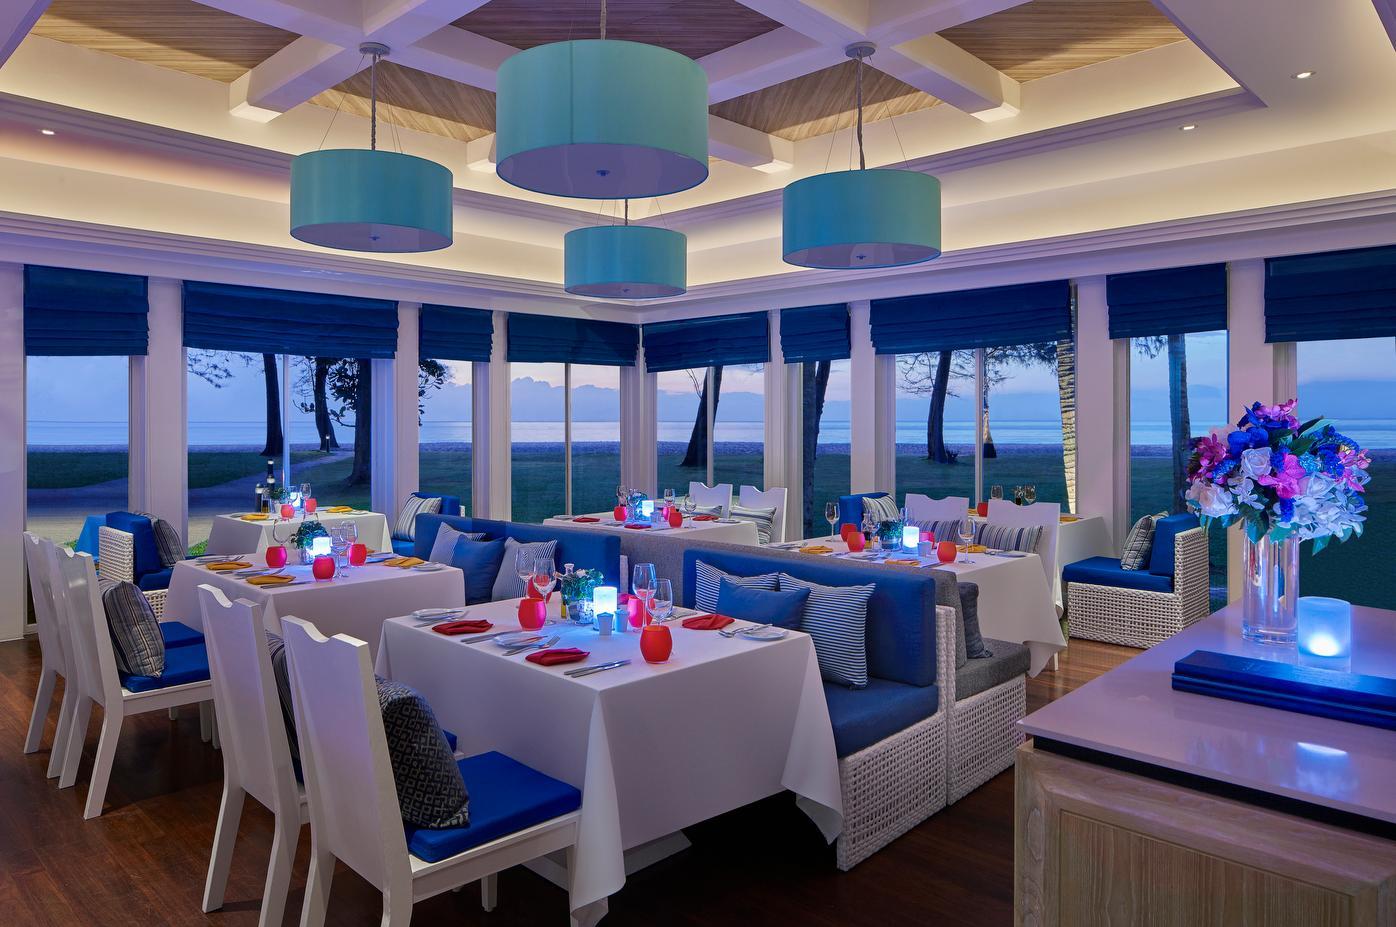 Dusit Thani Laguna Phuket Hotel - Image 0